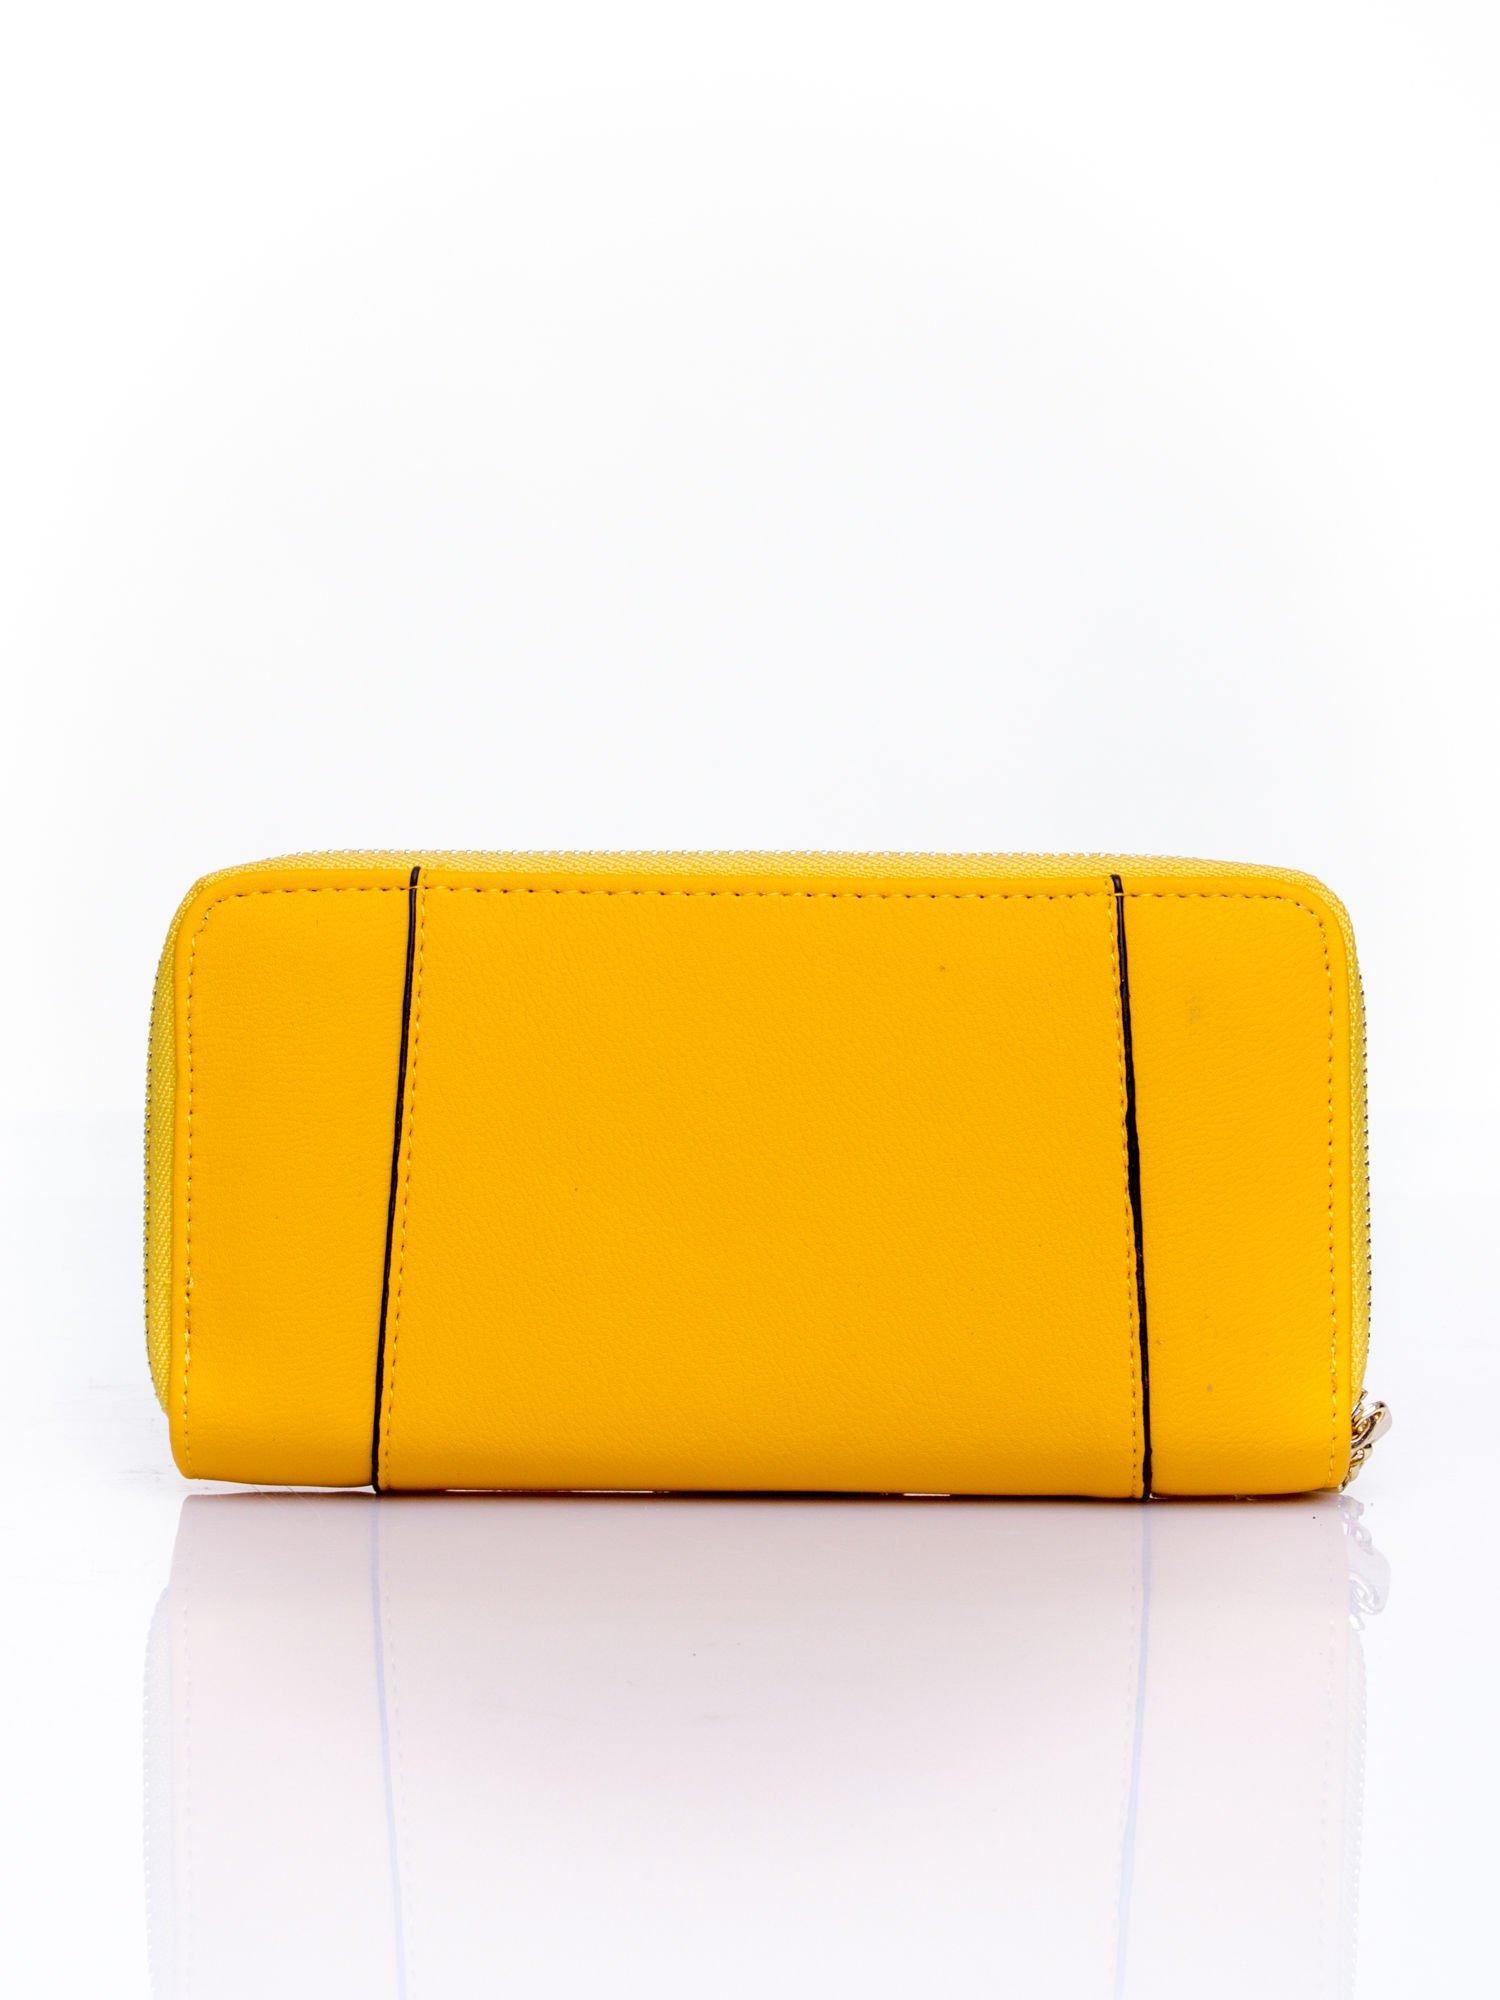 Żółty portfel ze złoconą klamrą                                  zdj.                                  2